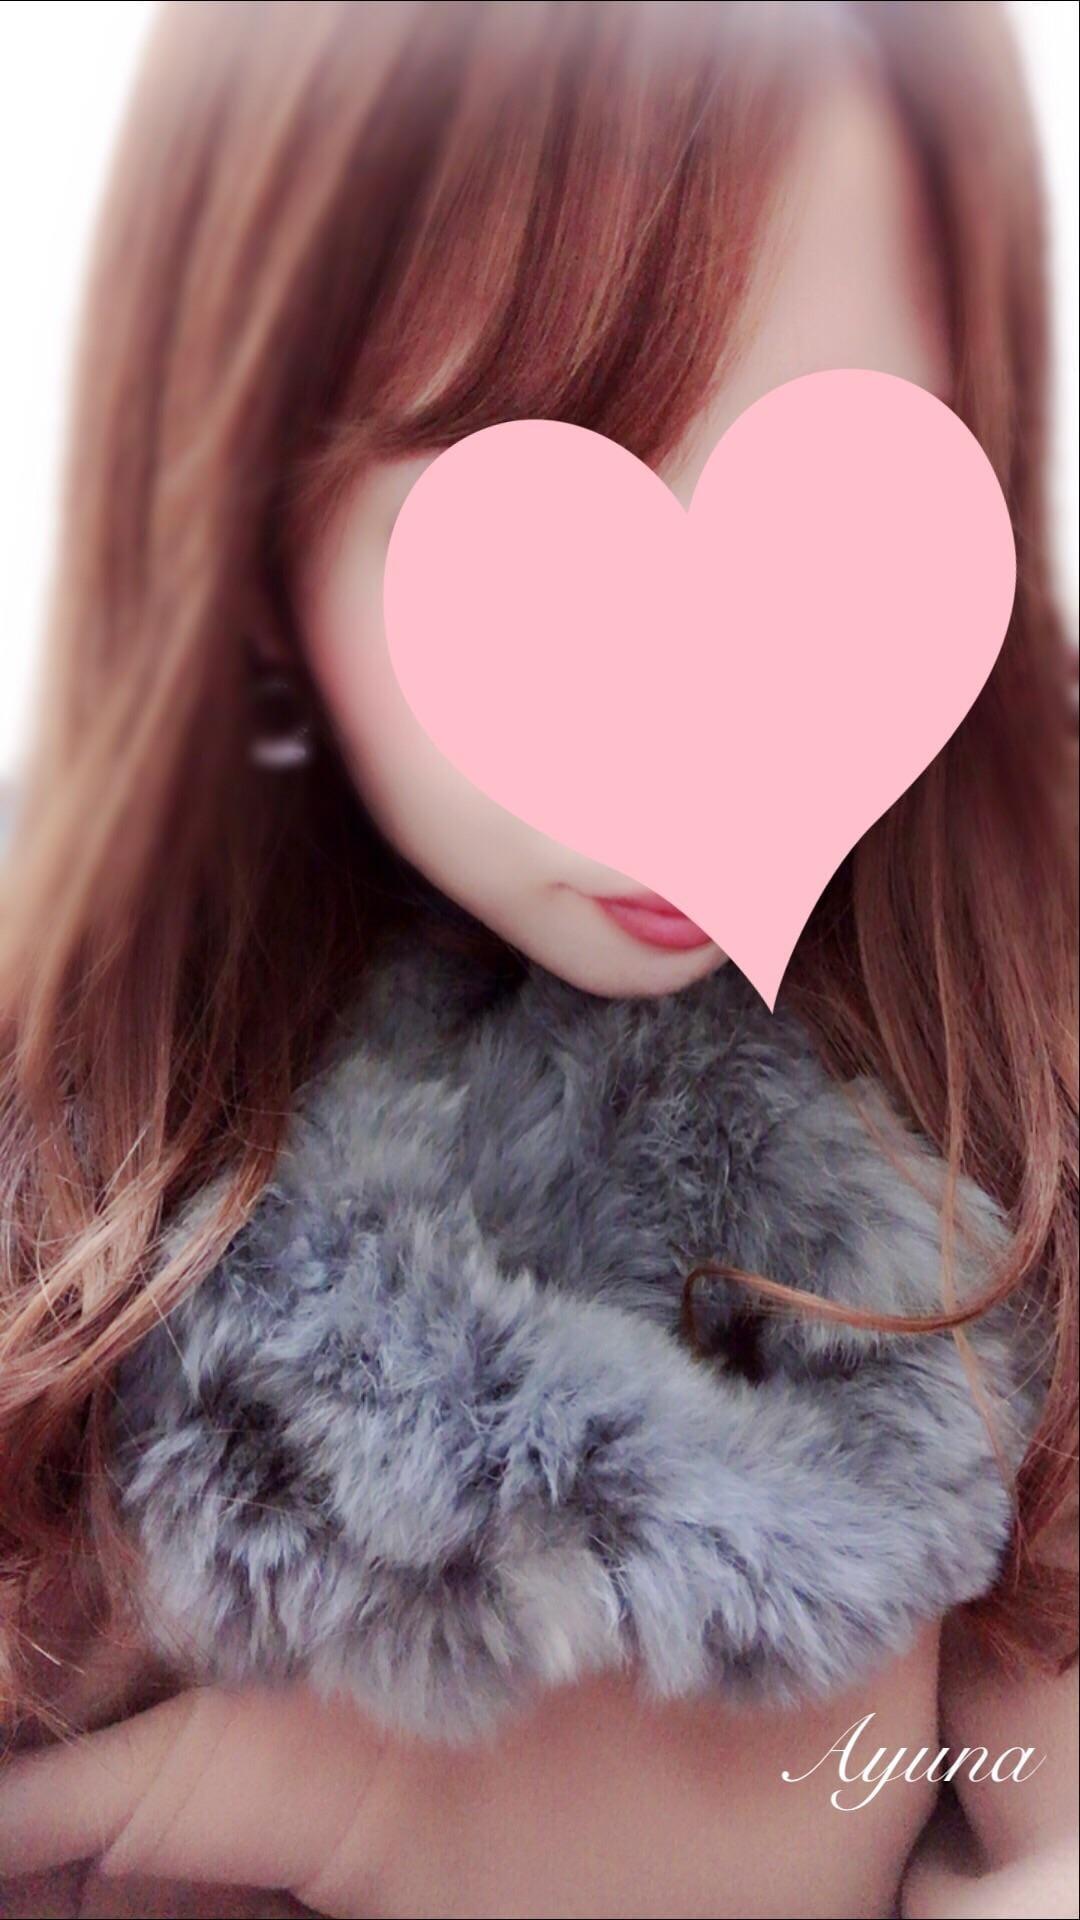 「ありがとう」01/13(01/13) 19:06 | あゆなの写メ・風俗動画